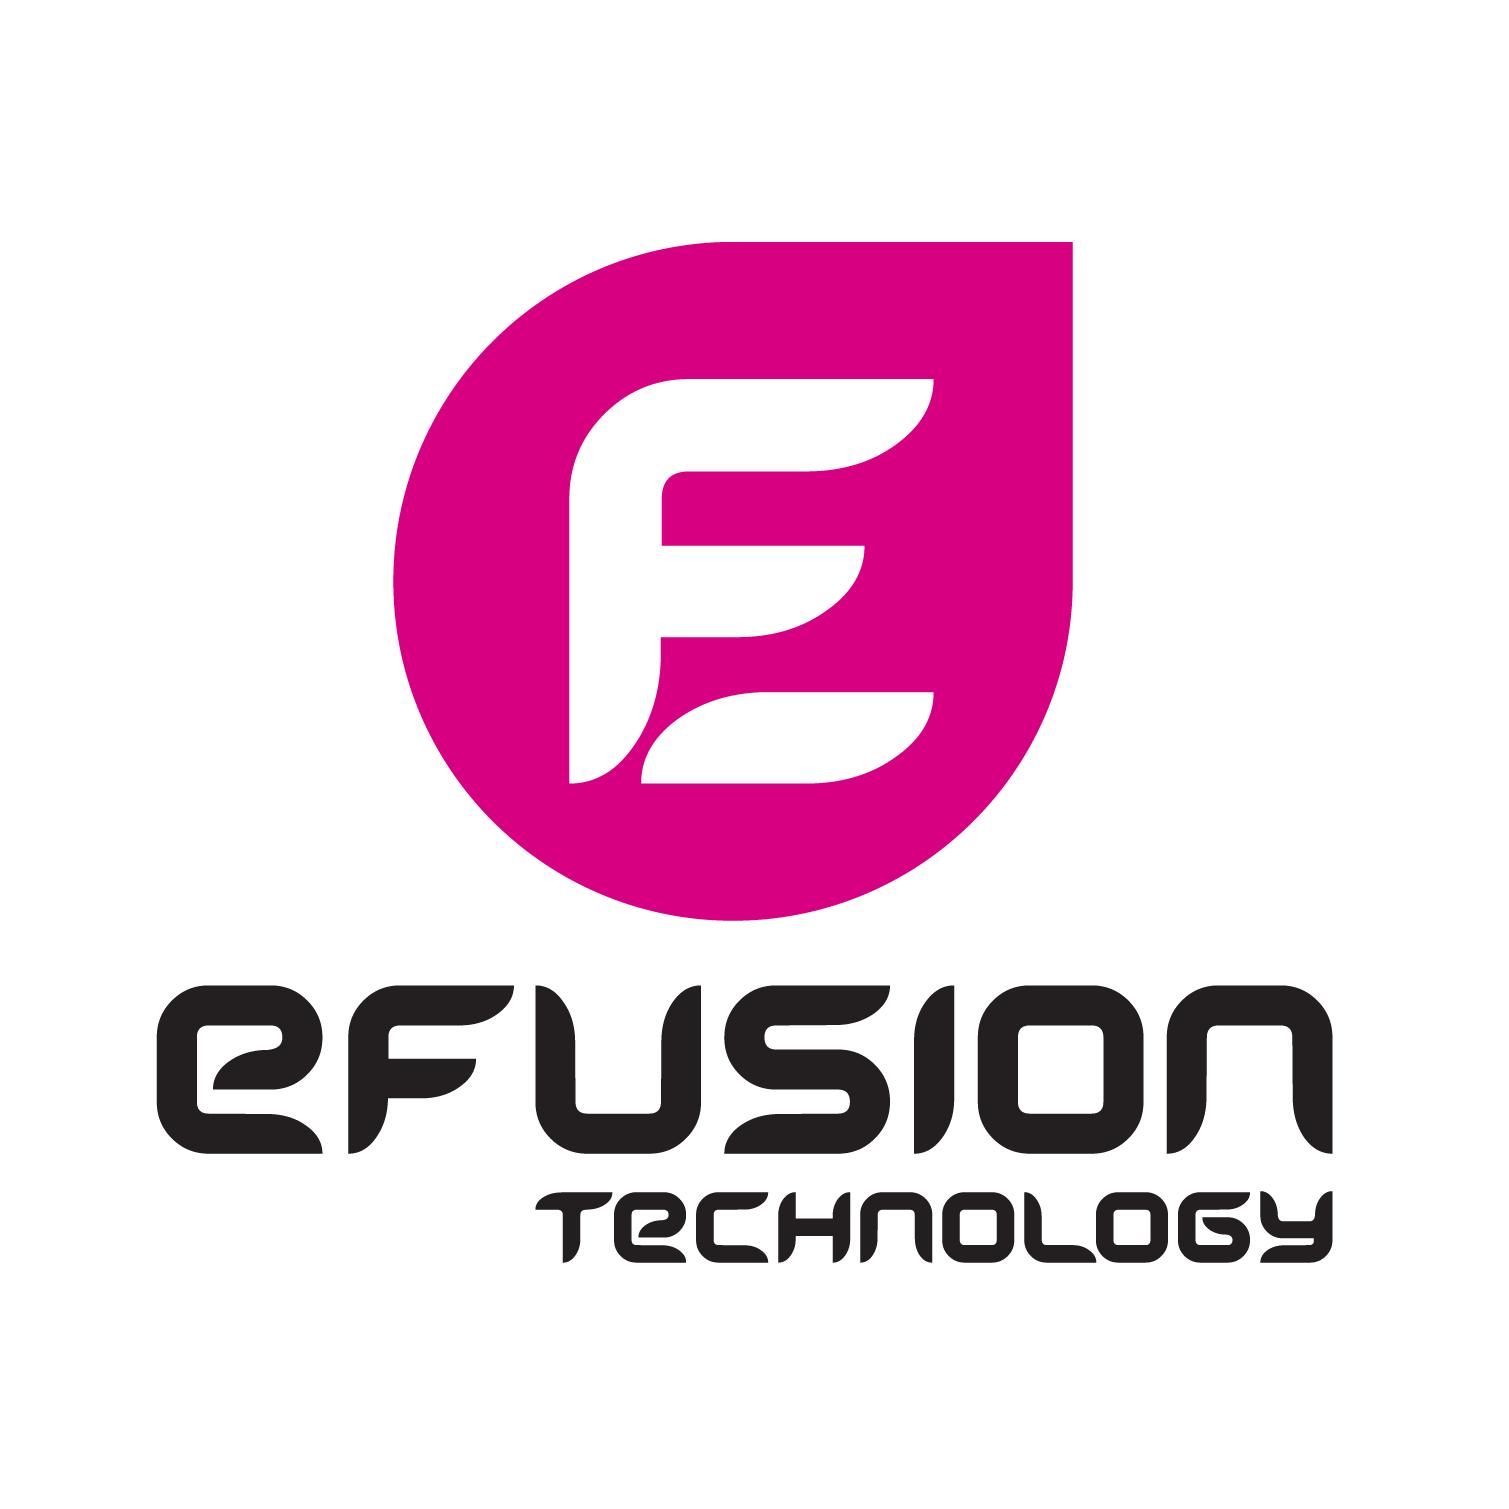 eFusion Tech logo